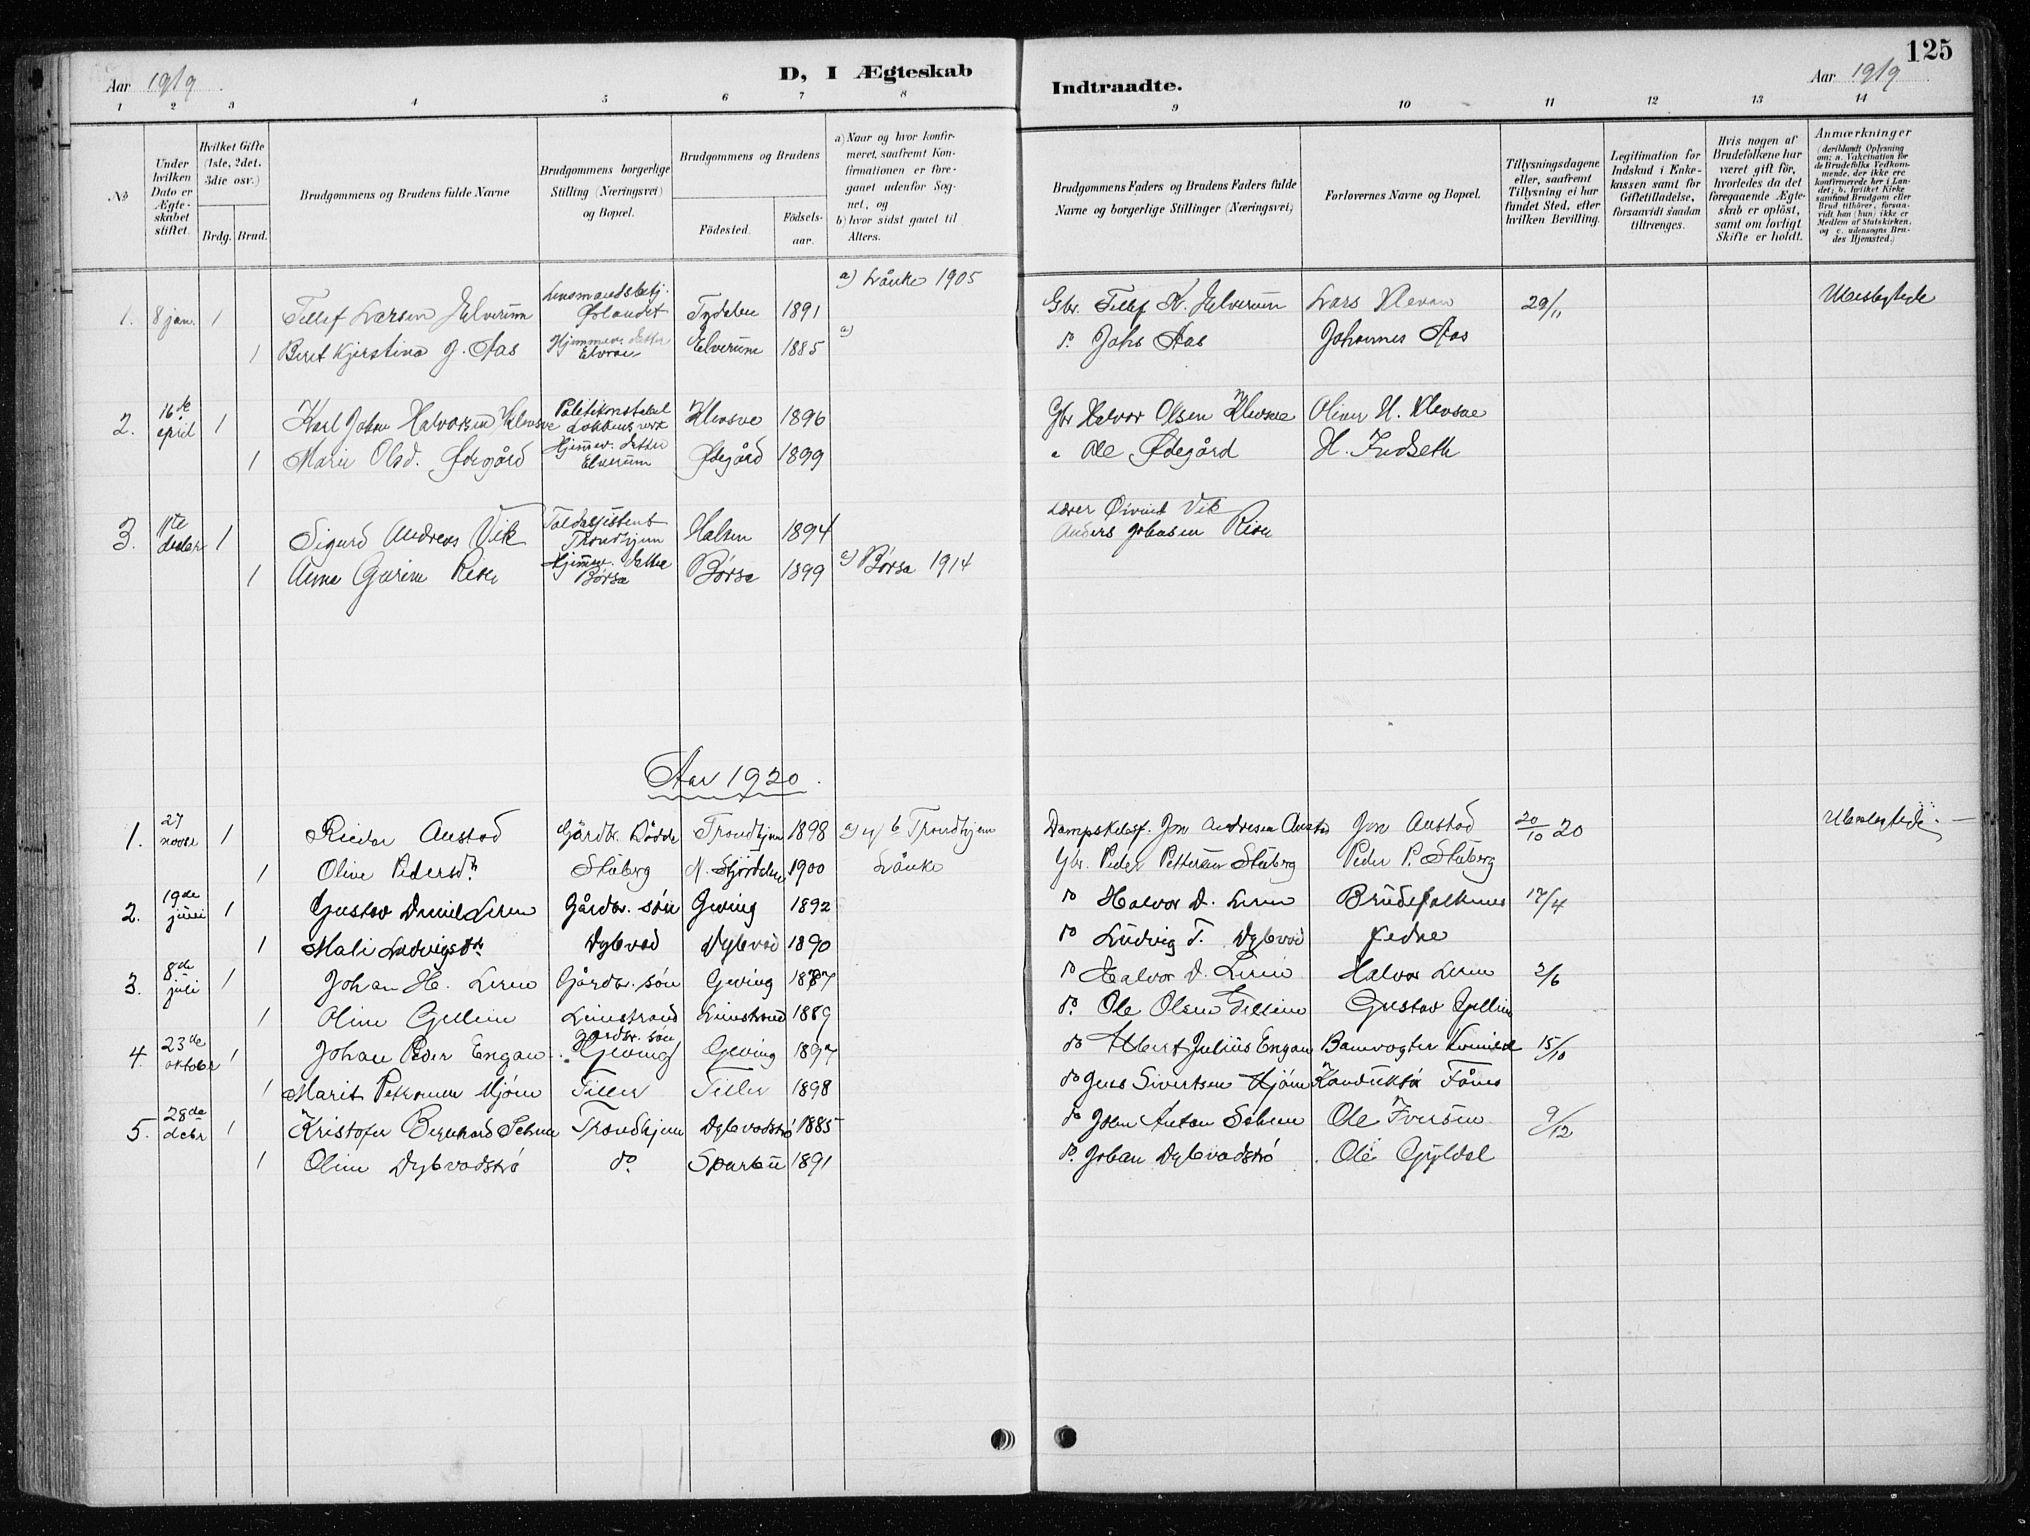 SAT, Ministerialprotokoller, klokkerbøker og fødselsregistre - Nord-Trøndelag, 710/L0096: Klokkerbok nr. 710C01, 1892-1925, s. 125